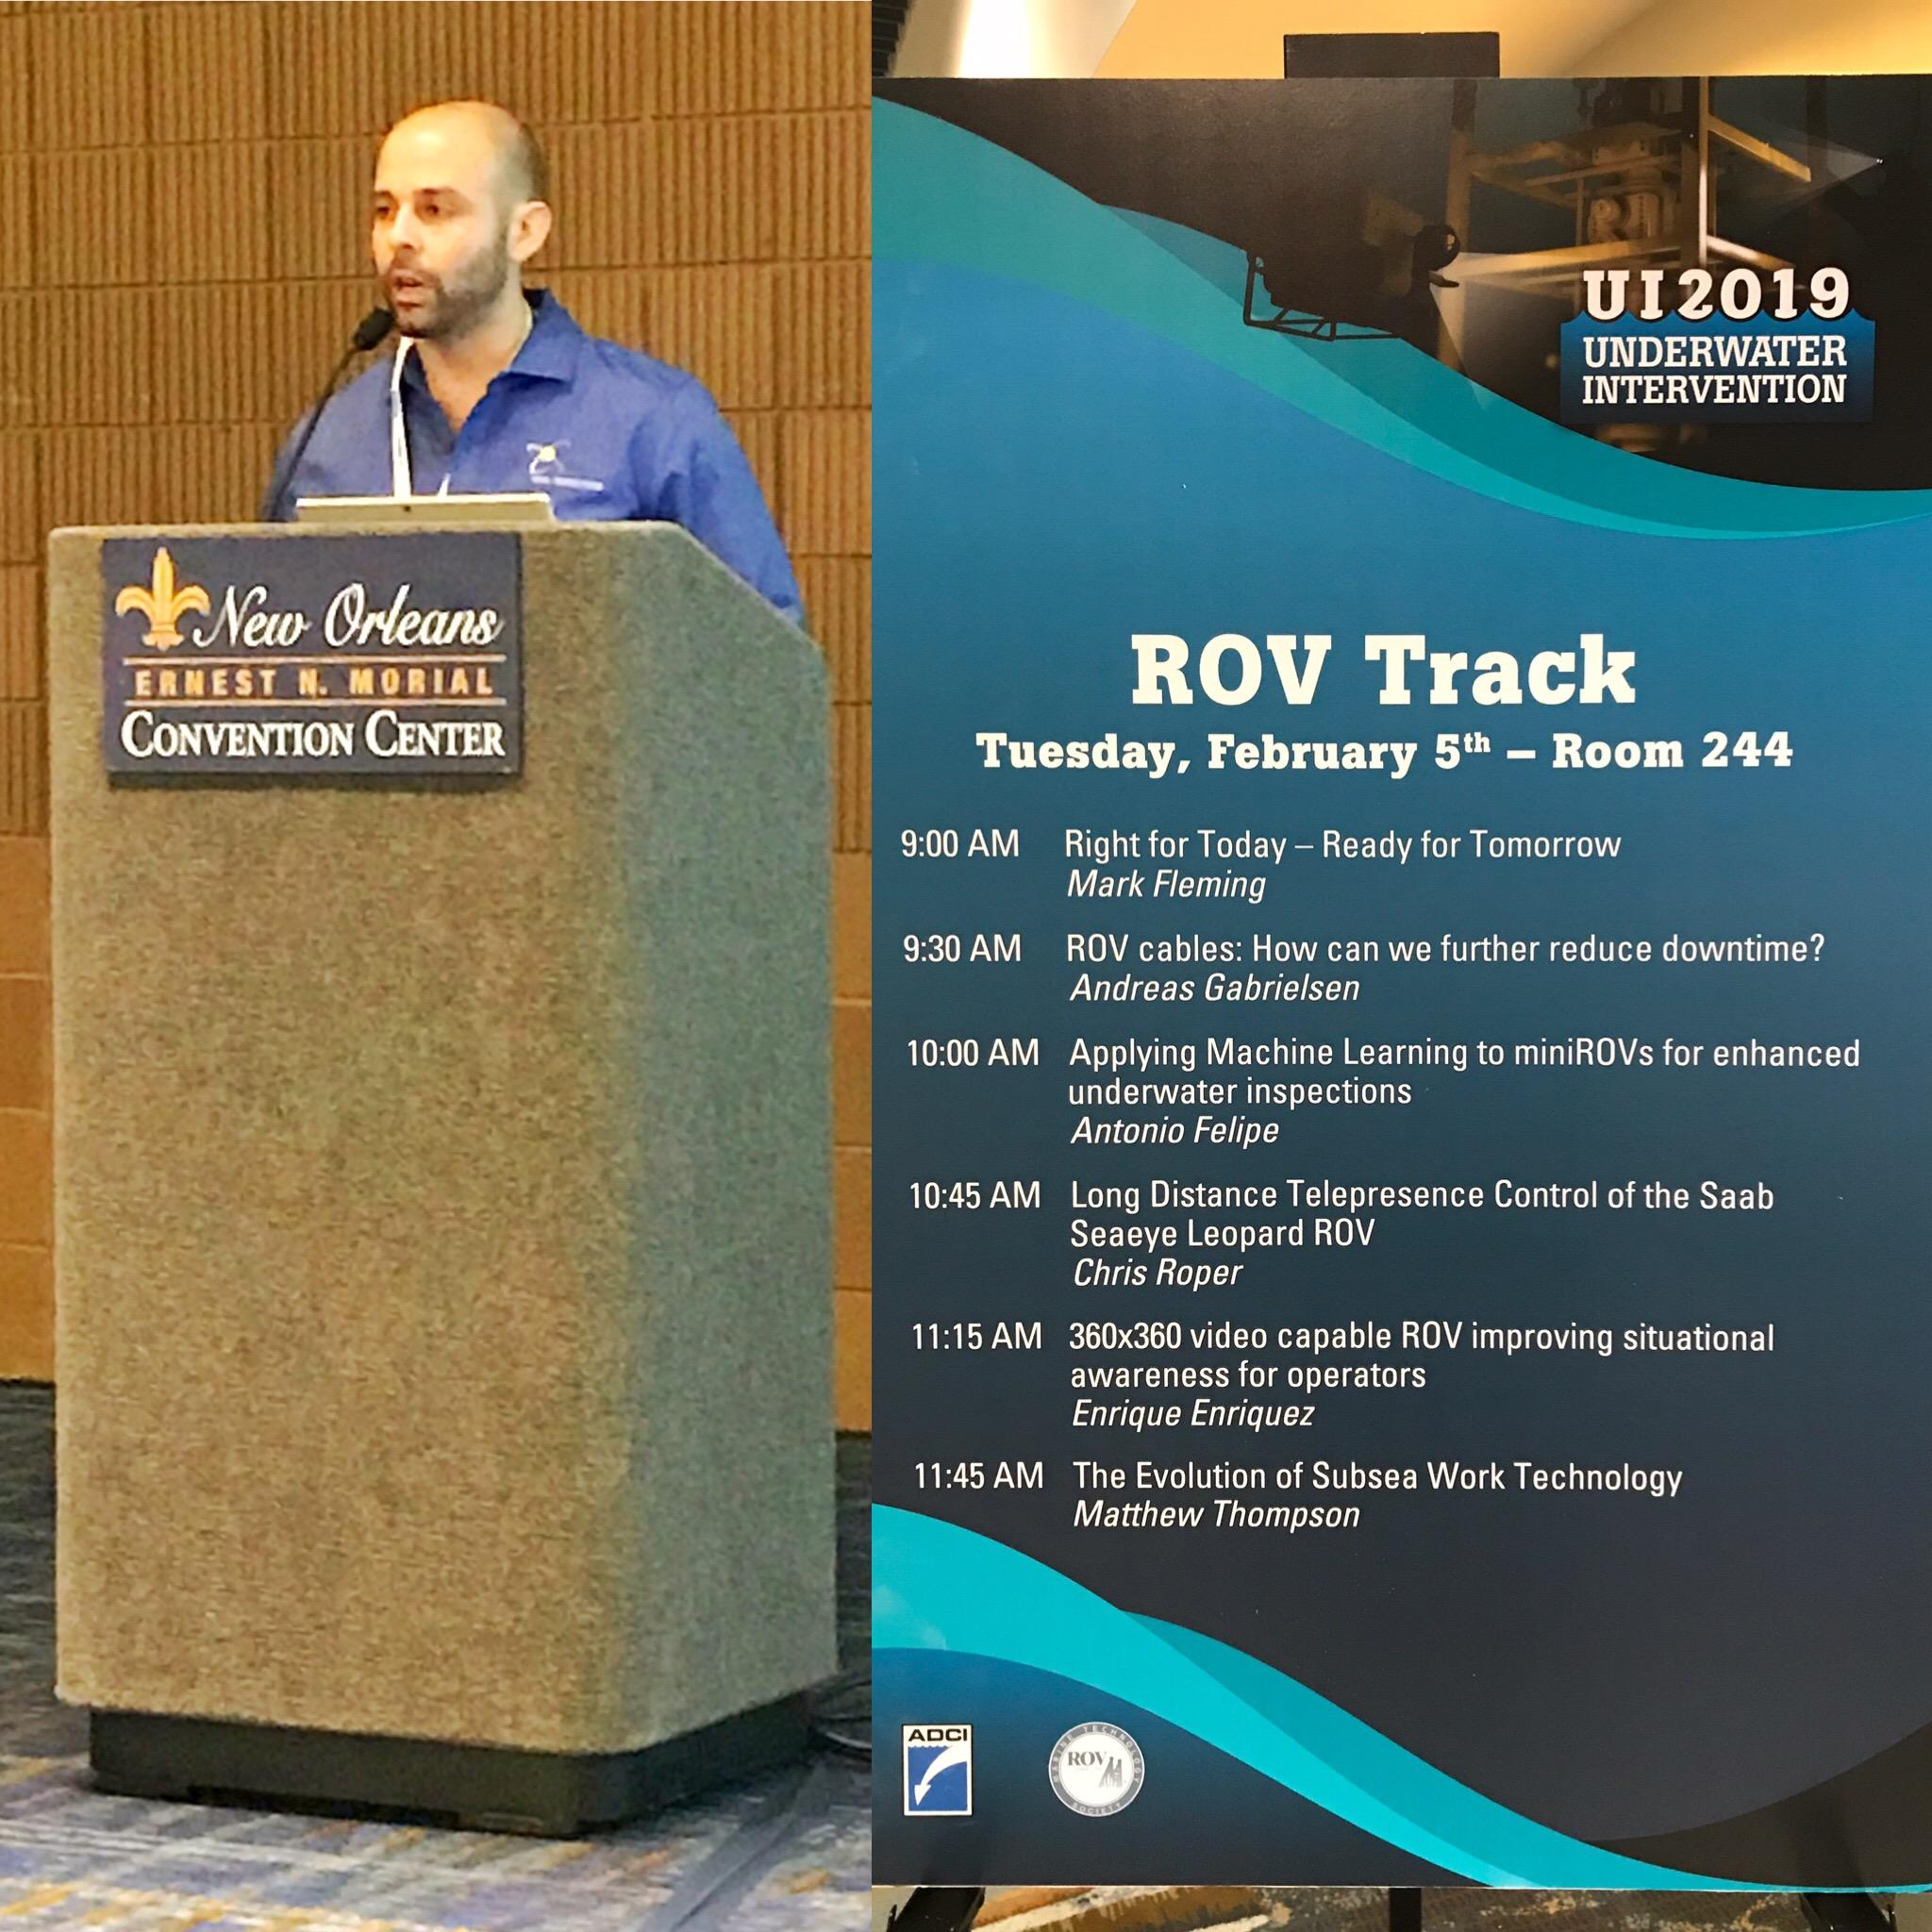 SWL Robotics, Inc - Featured ROV speaker at UI2019